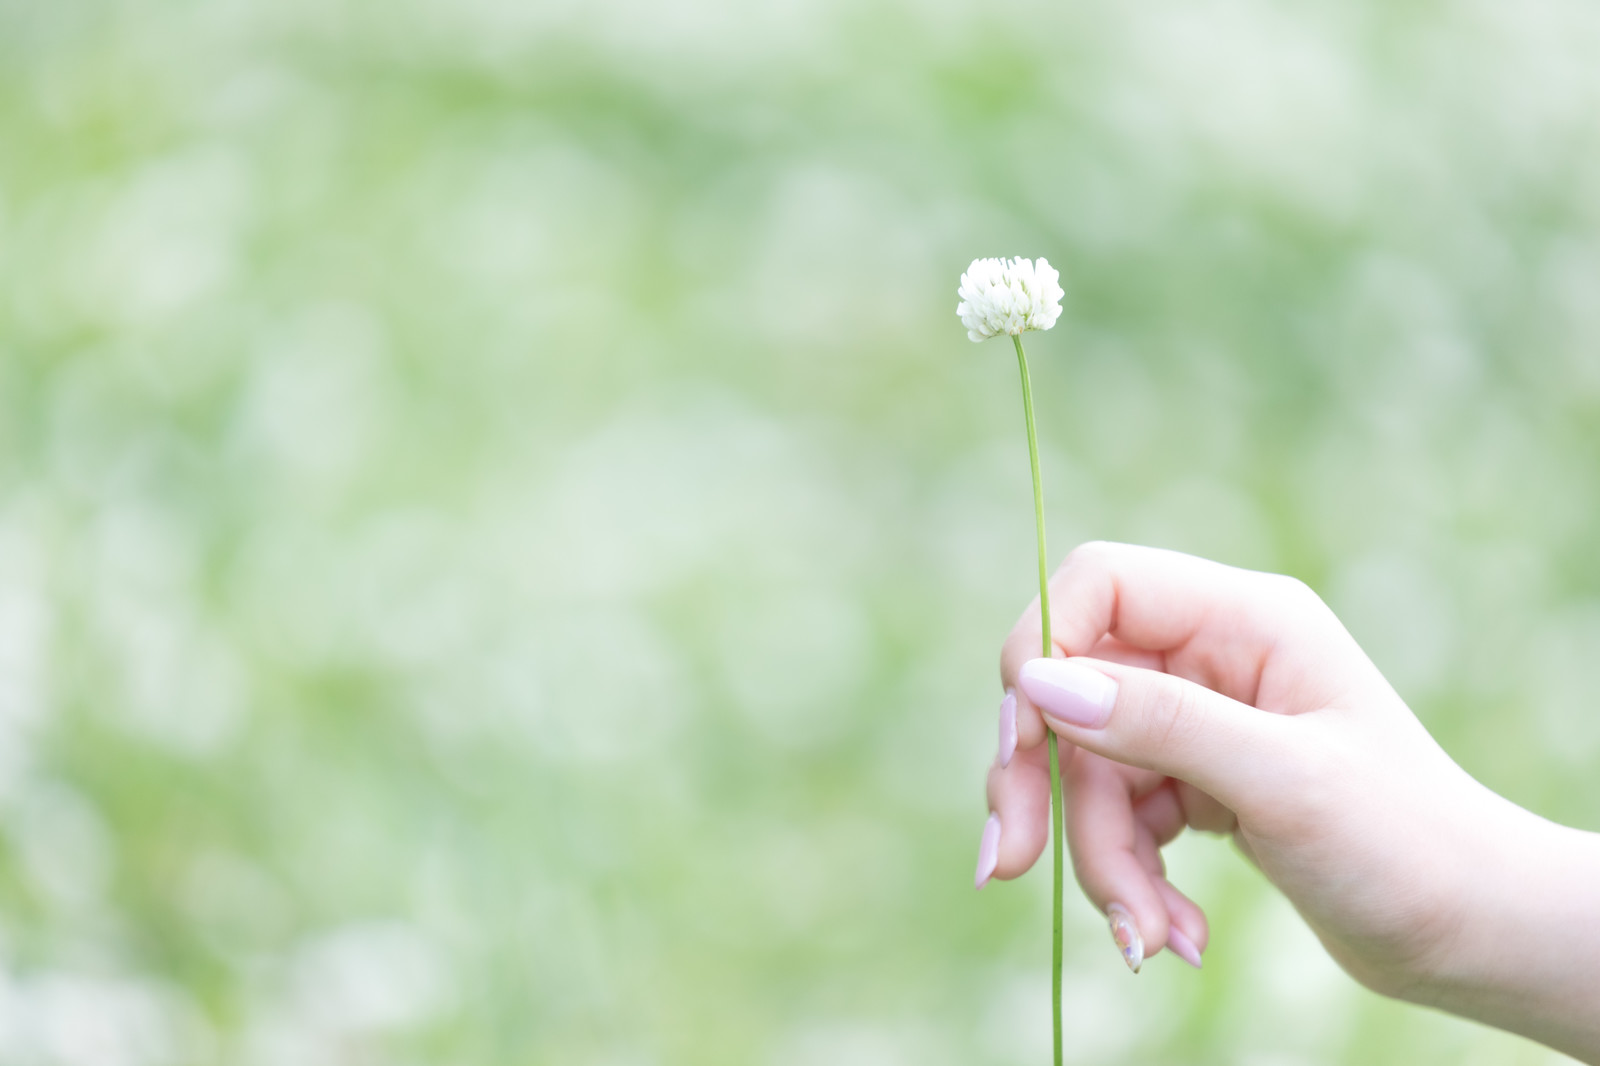 「シロツメクサを持つ女性の手」の写真